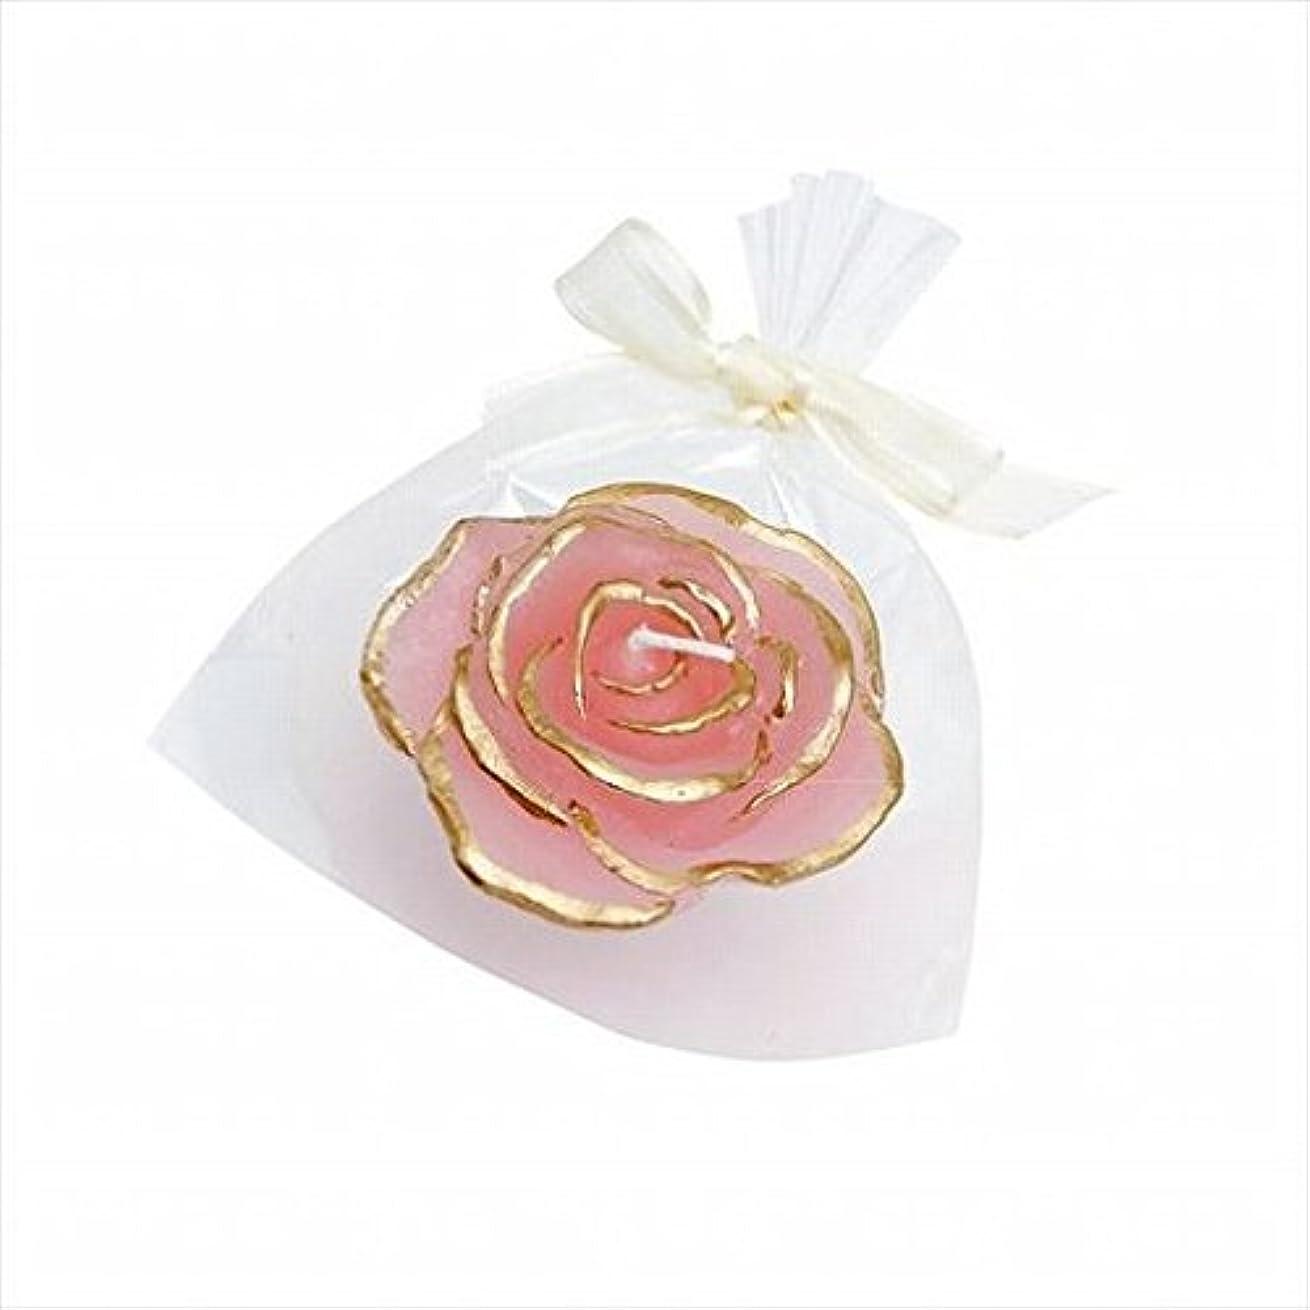 吸収送信するルートkameyama candle(カメヤマキャンドル) プリンセスローズ 「 ピンク 」(A6390500PK)